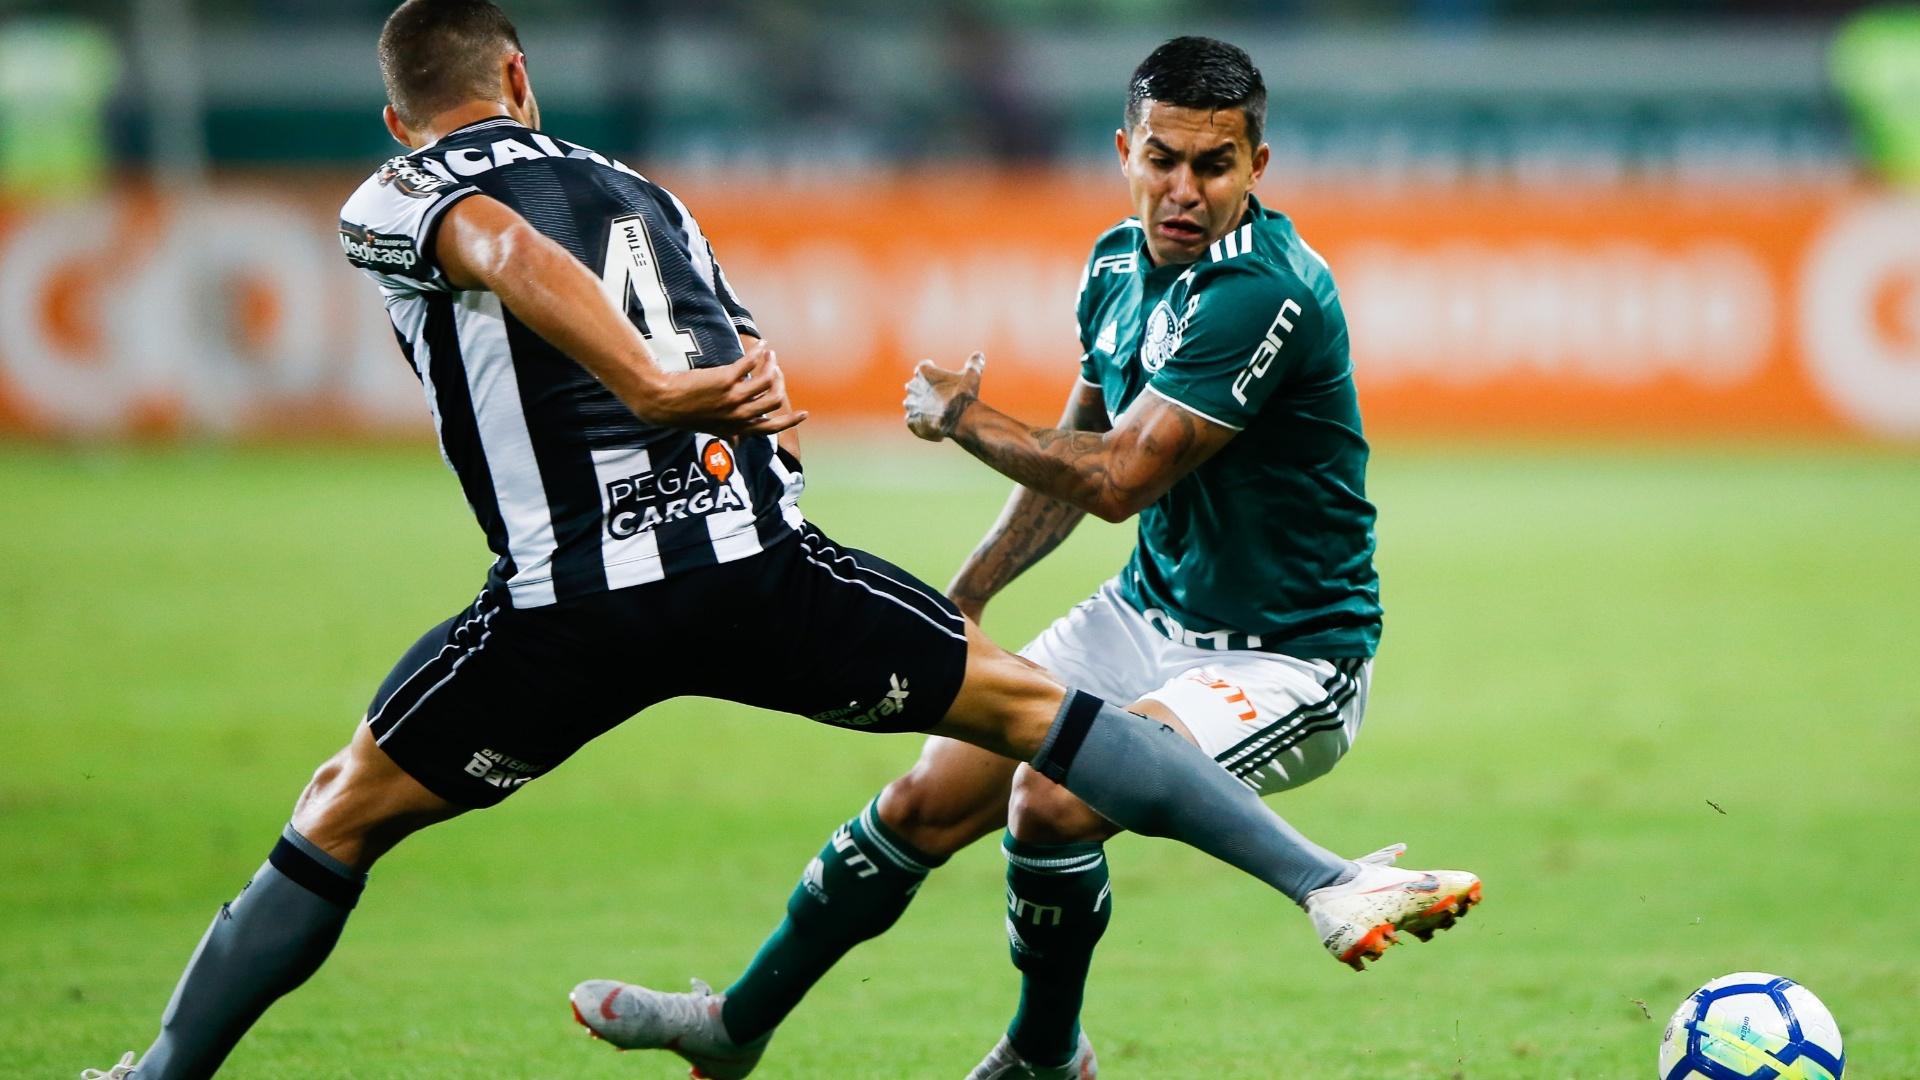 Dudu passa pela marcação de Marcinho na partida entre Palmeiras e Botafogo